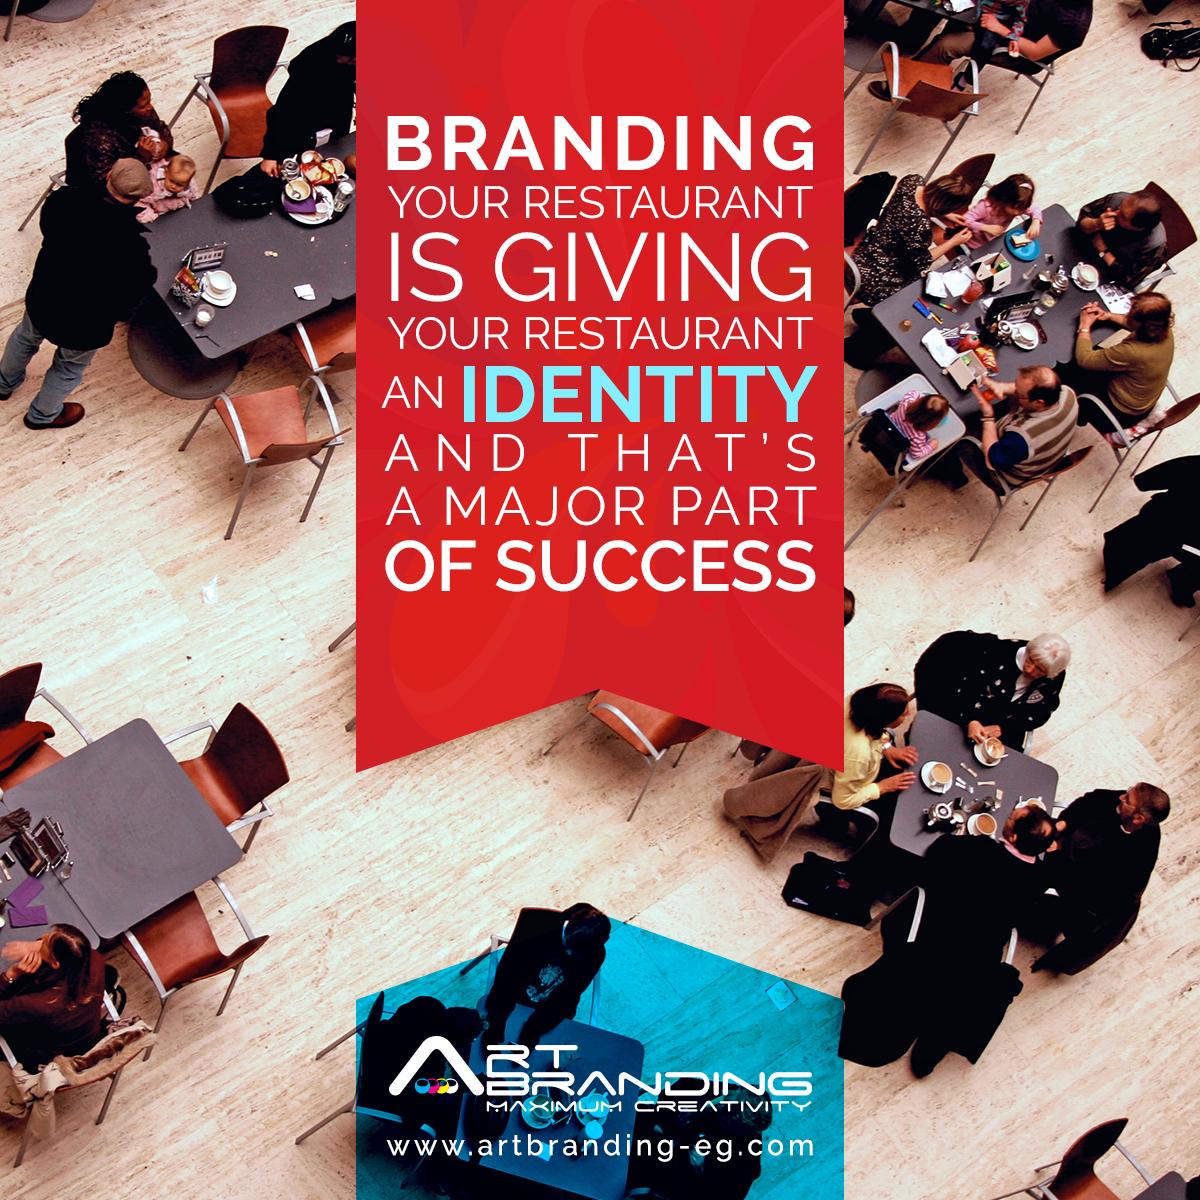 جزء كبير من نجاح كافيهك أو مطعمك متوقف علي اسمه و اللوجو و البروفايل مع أرت براندنج كل اللي هحتاجه لكافيهك أو لمطعمك هتلاقيه عندنا Branding Brand You Identity